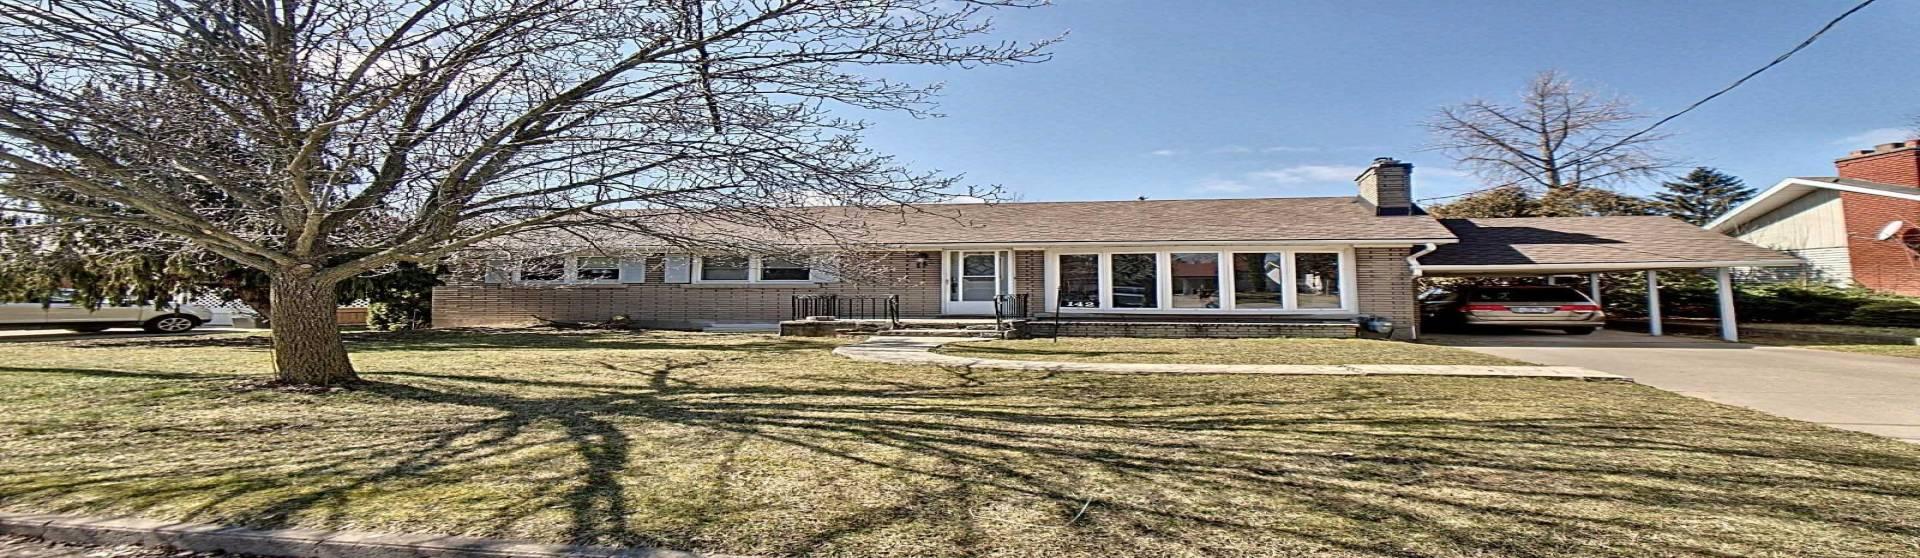 142 Village Rd, St. Catharines, Ontario L2T3C5, 3 Bedrooms Bedrooms, 7 Rooms Rooms,3 BathroomsBathrooms,Detached,Sale,Village,X4735787